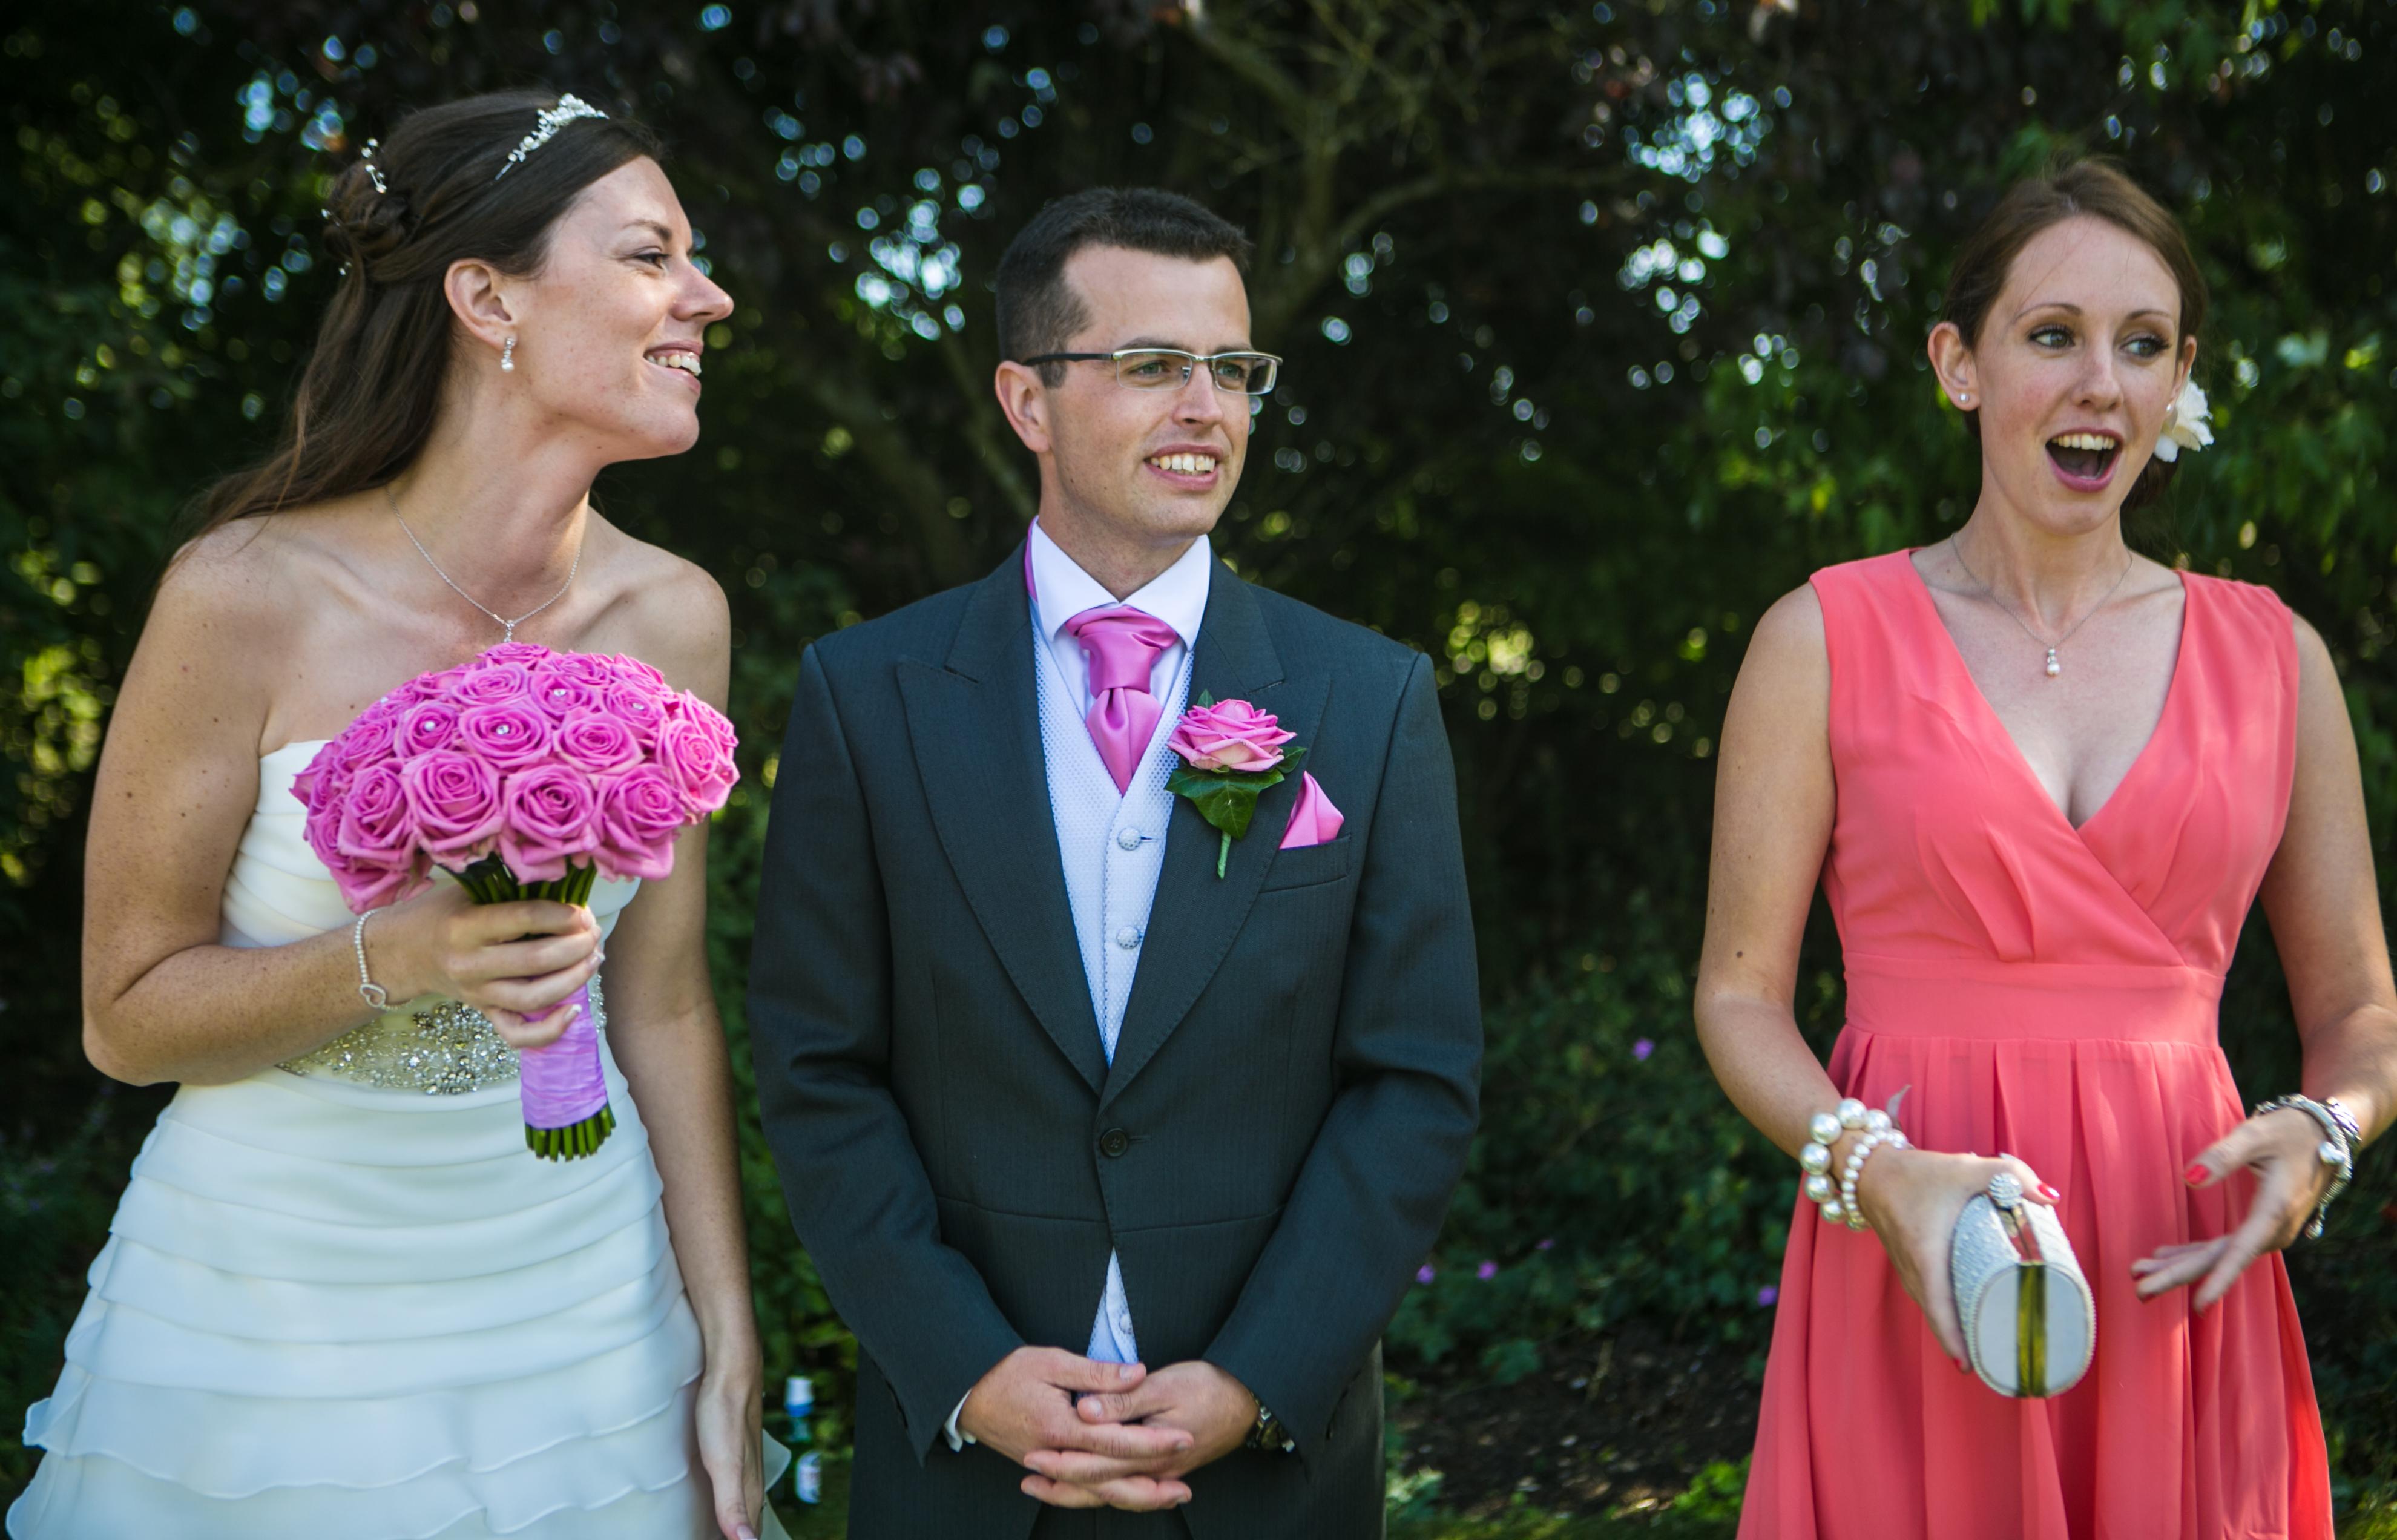 Amy & James' wedding